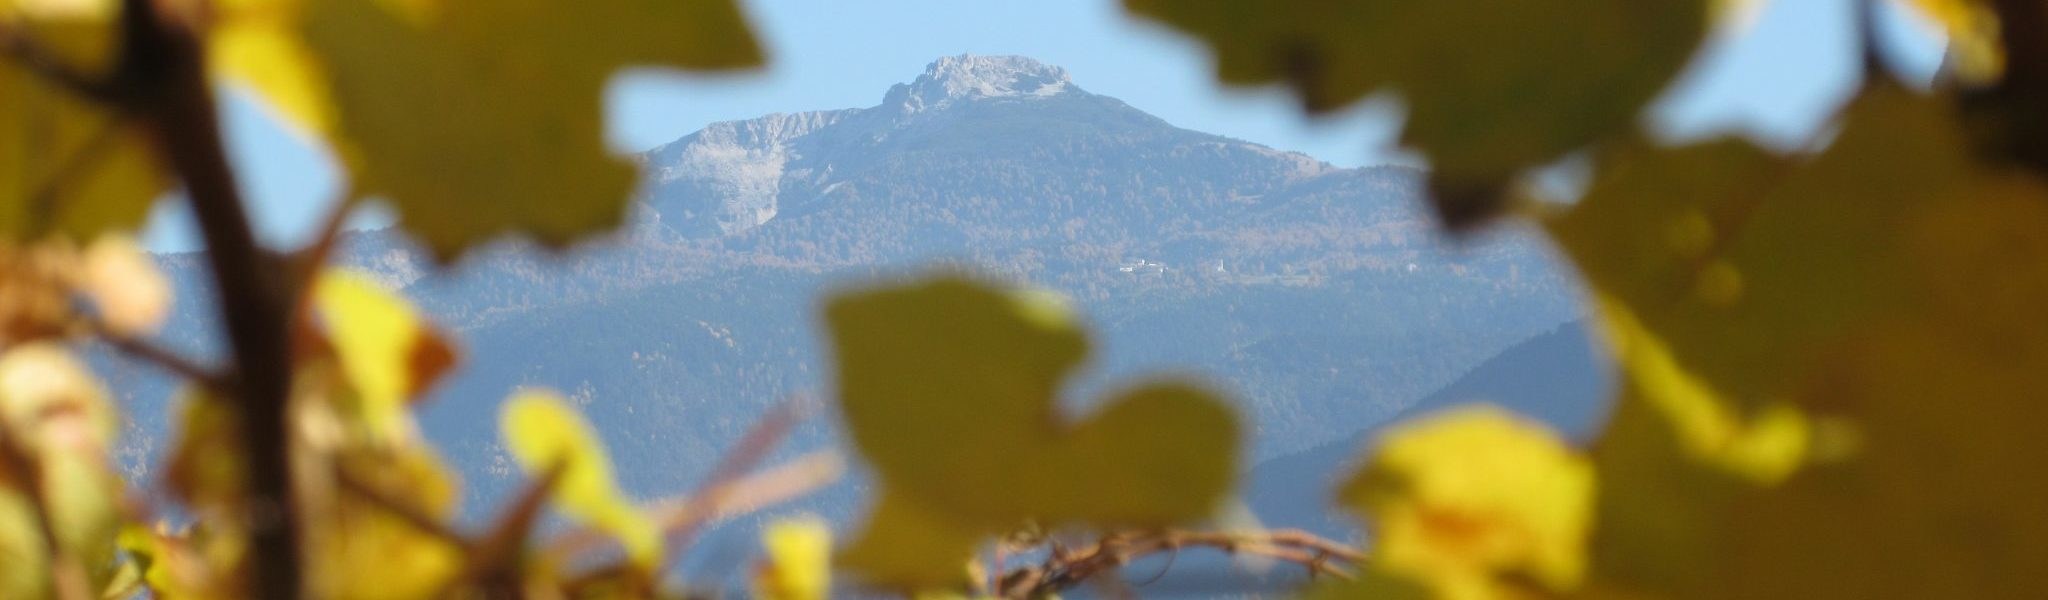 Weißhorn im Herbst